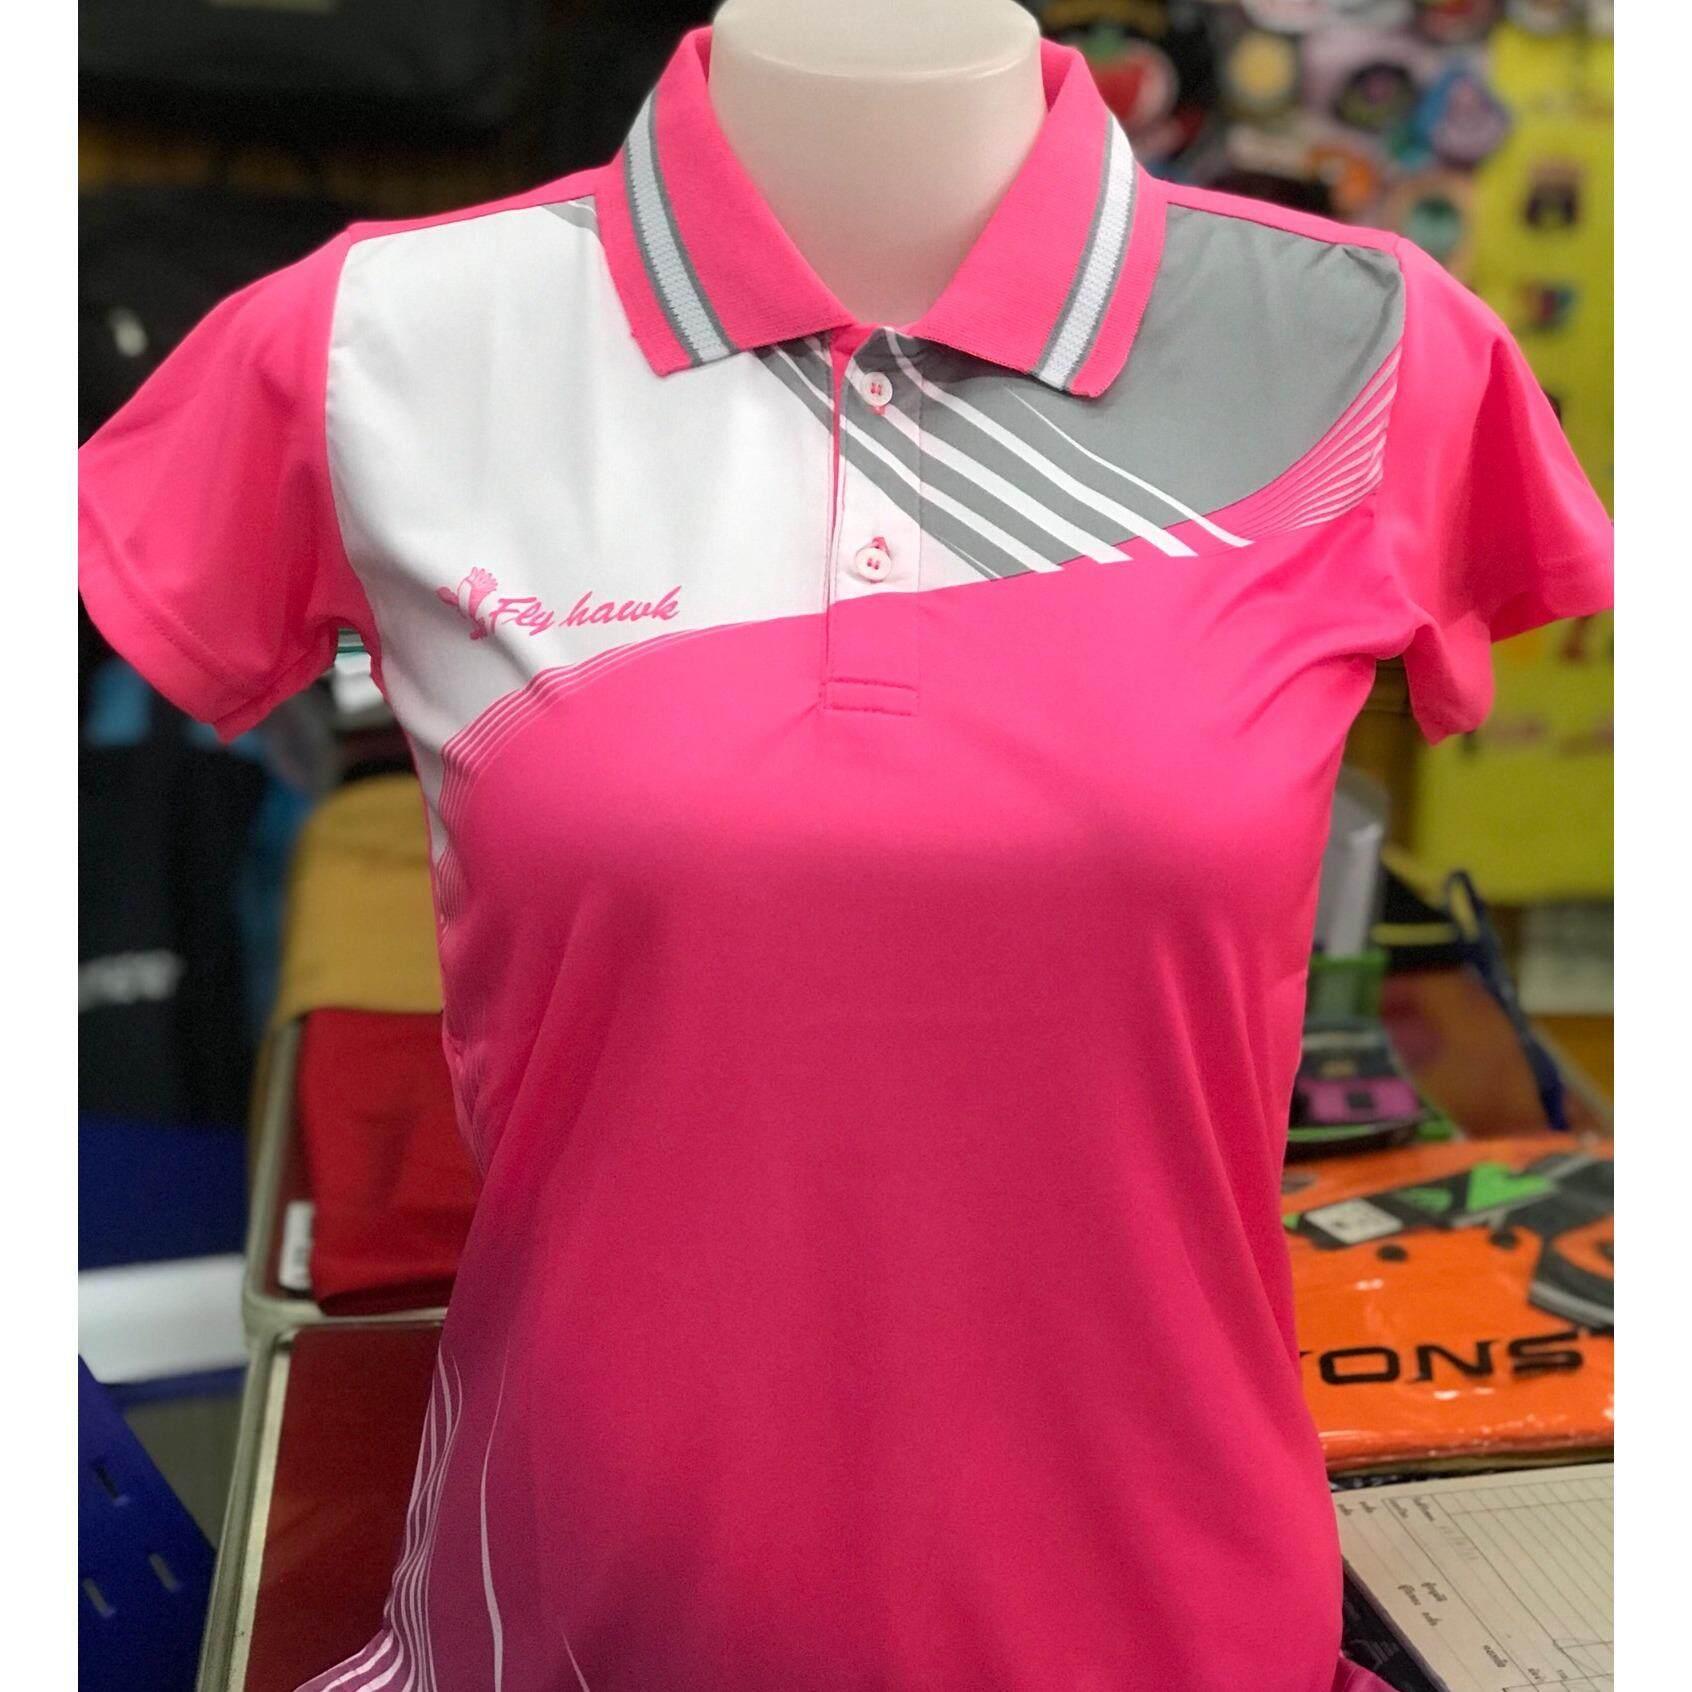 ราคา เสื้อกีฬาFlyhawkสีชมพู ใหม่ ถูก